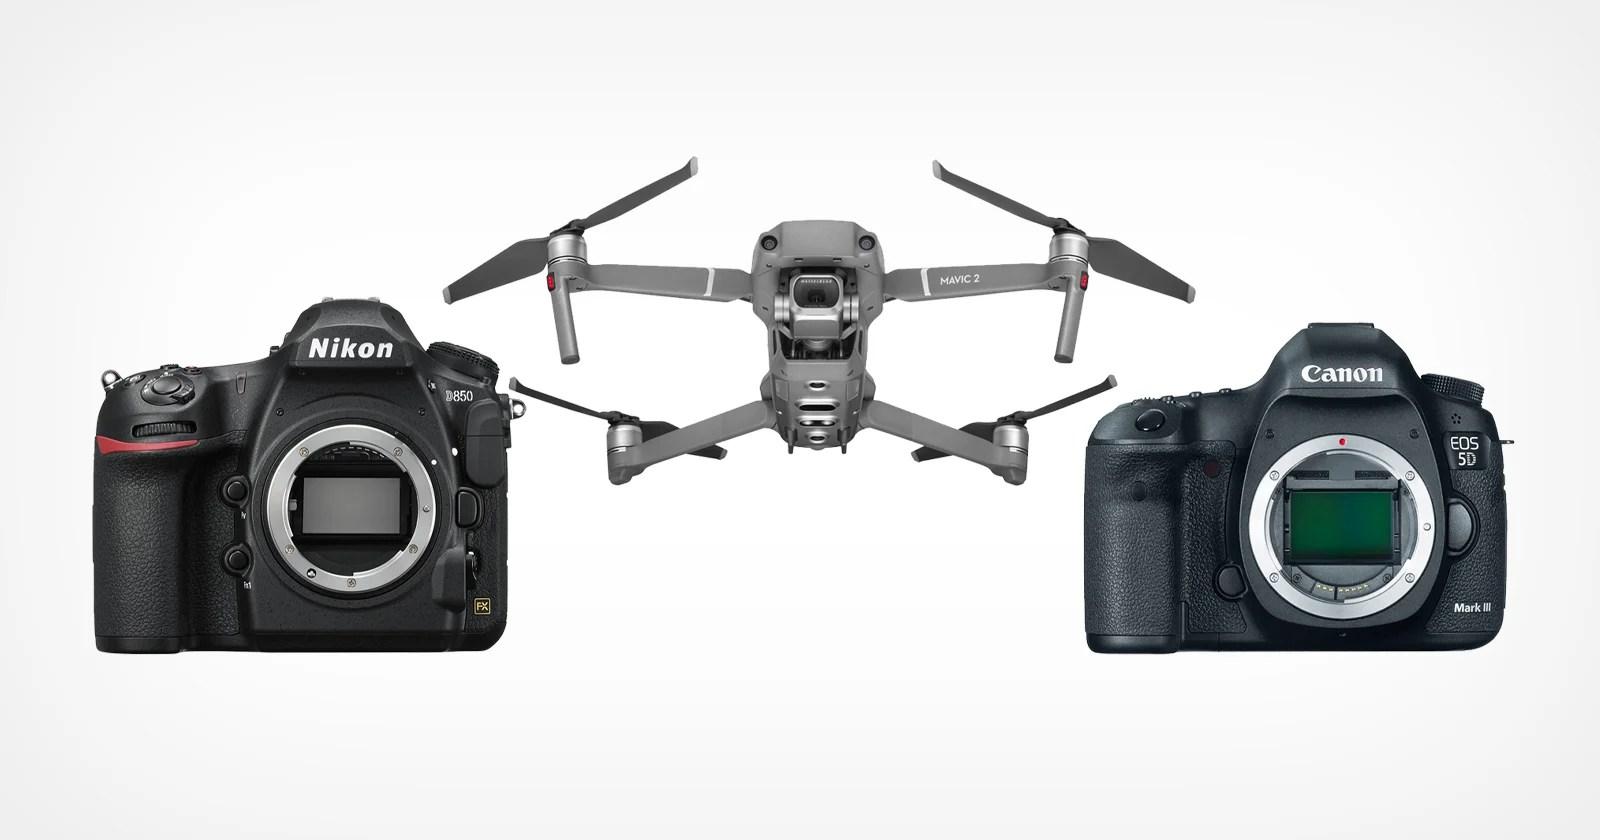 Le fotocamere che hanno scattato le foto vincitrici di World Press Photo 2021